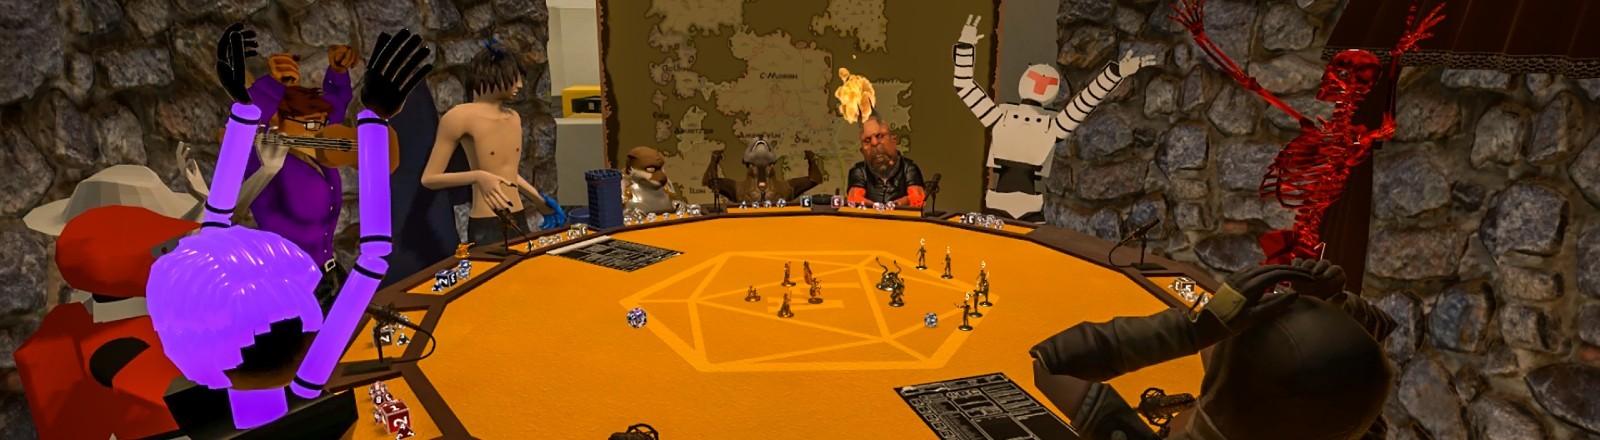 Ein virtueller Chatraum mit Avataren an einem Spielerisch